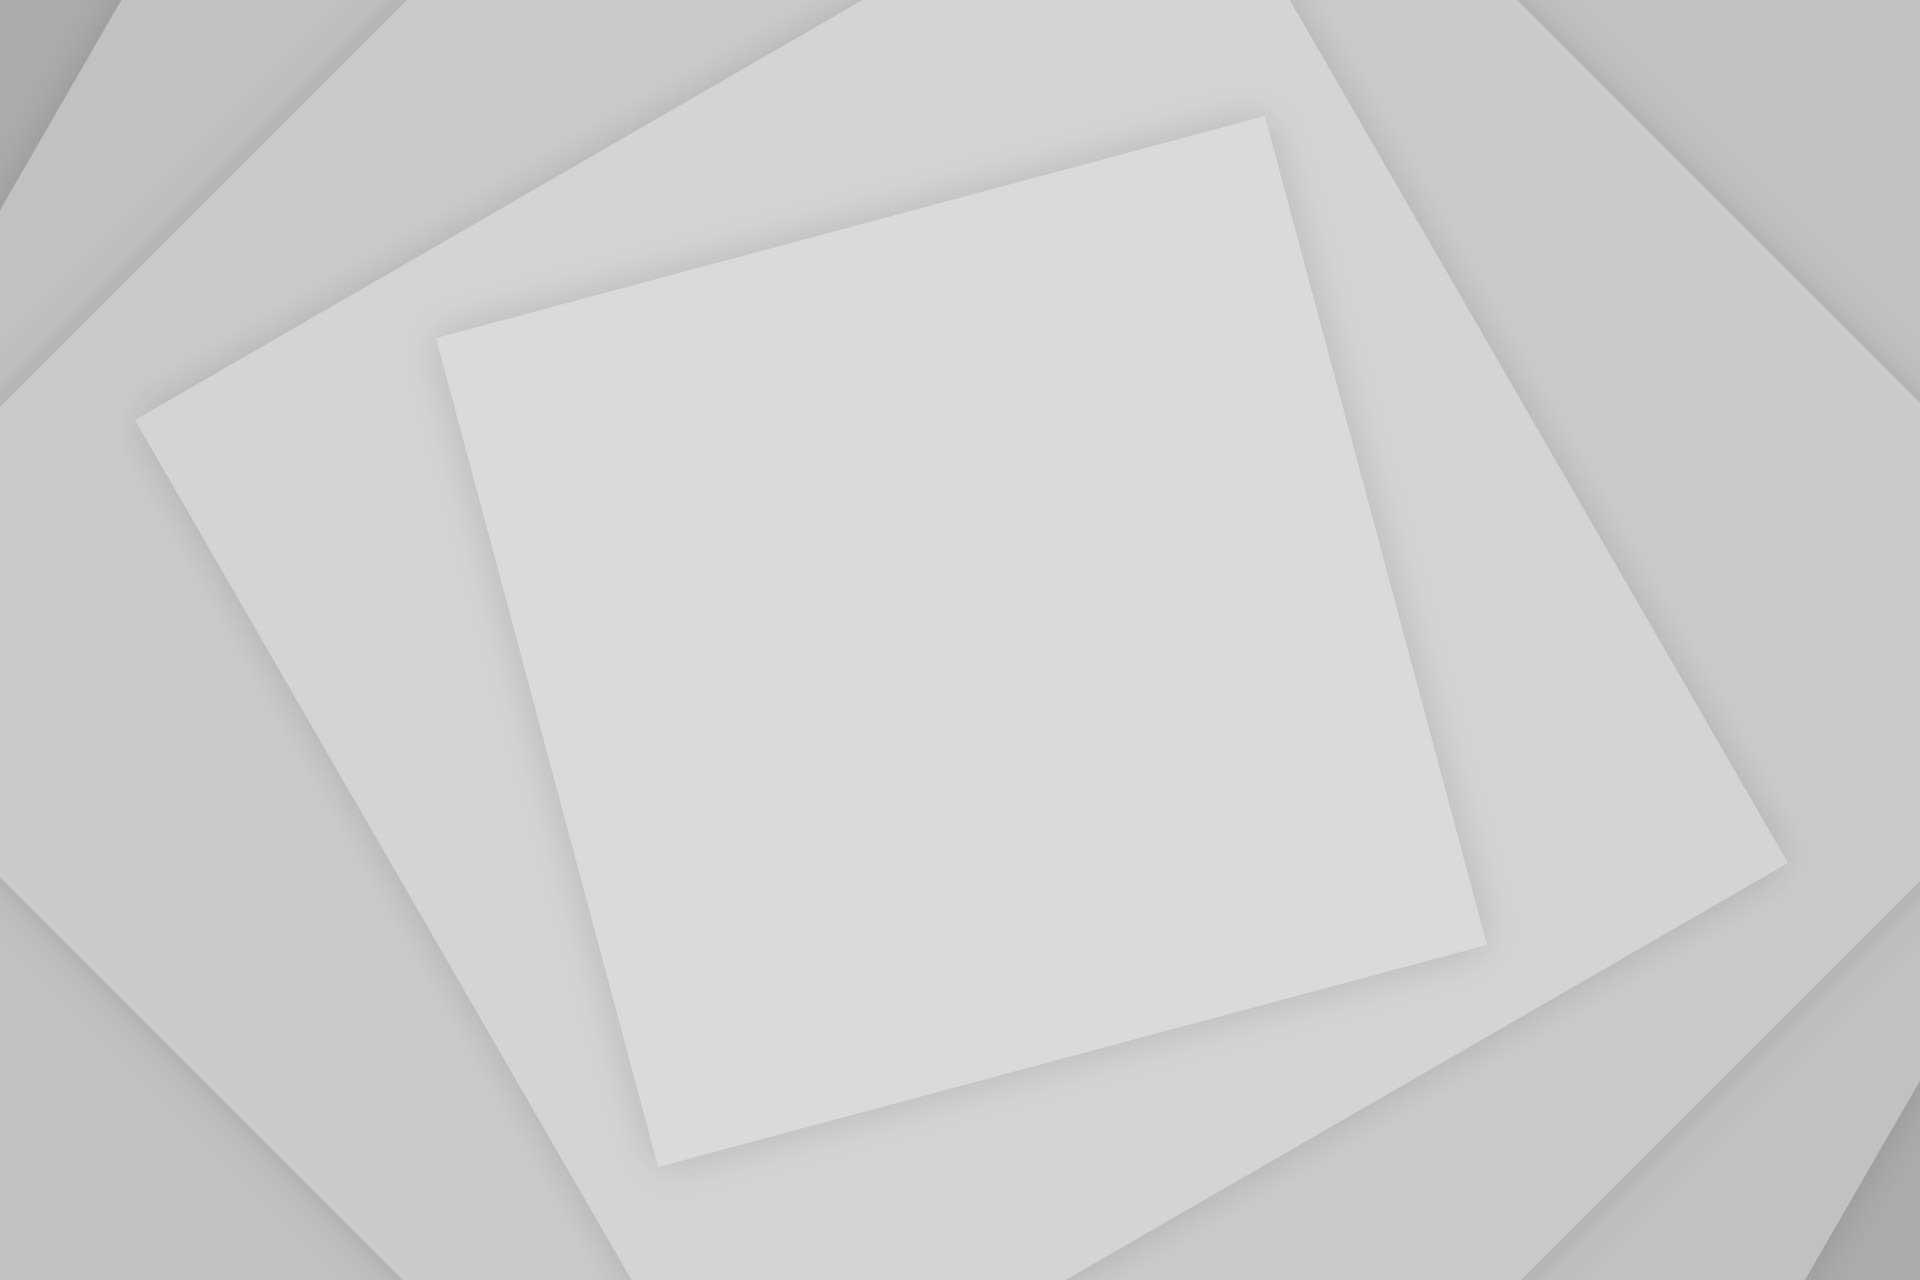 Наказ МОЗ України від 31.05.2018 № 1041 «Про Розподіл лікарських засобів для лікування онкогематологічних хворих, закуплених за кошти Державного бюджету України на 2016 рік»